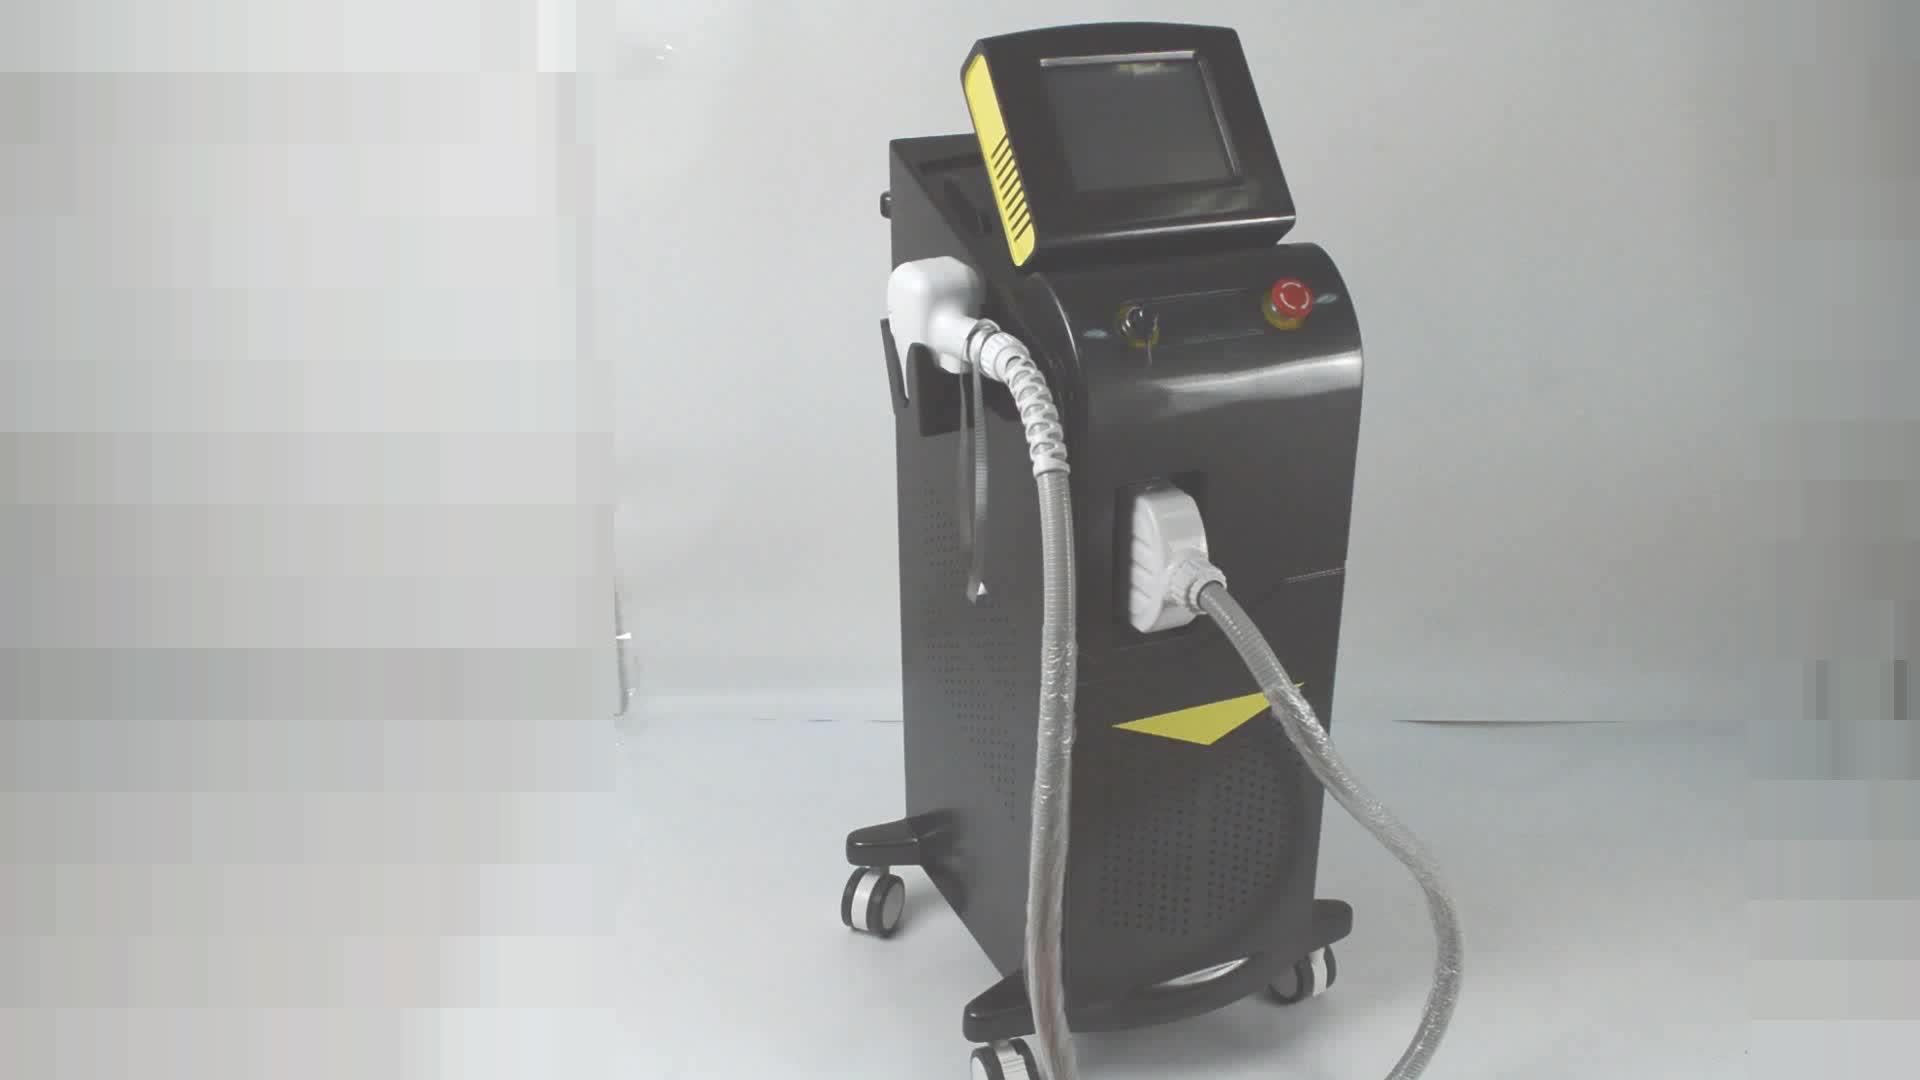 U.S FDA, CFDA, duitsland TUV CE0197 Goedgekeurd Ontharing Laser Diodo 808